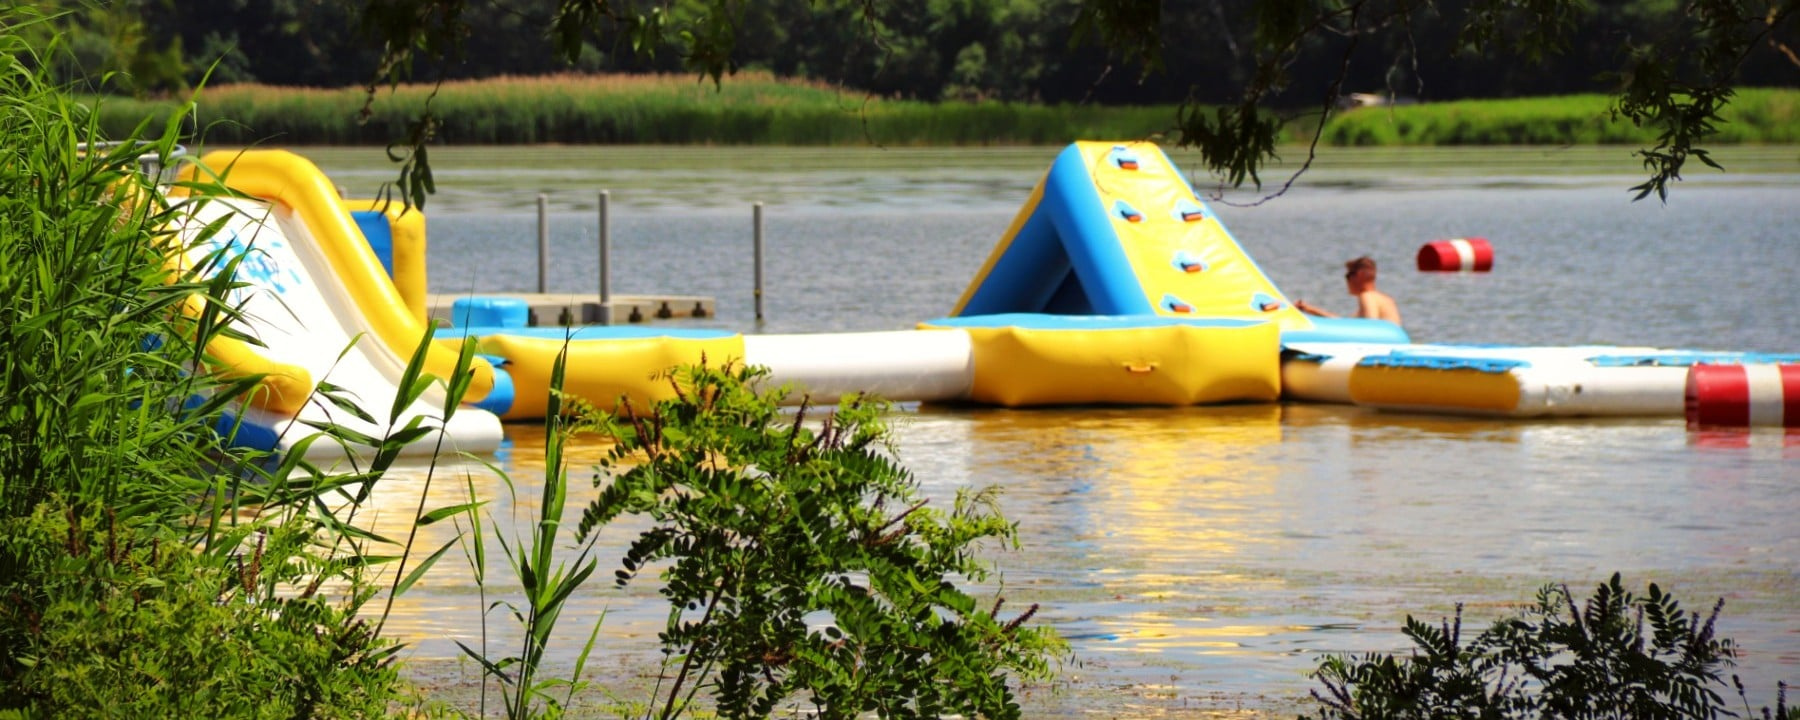 Ring-a-tó Kisköre Strand, Vízi játszótér